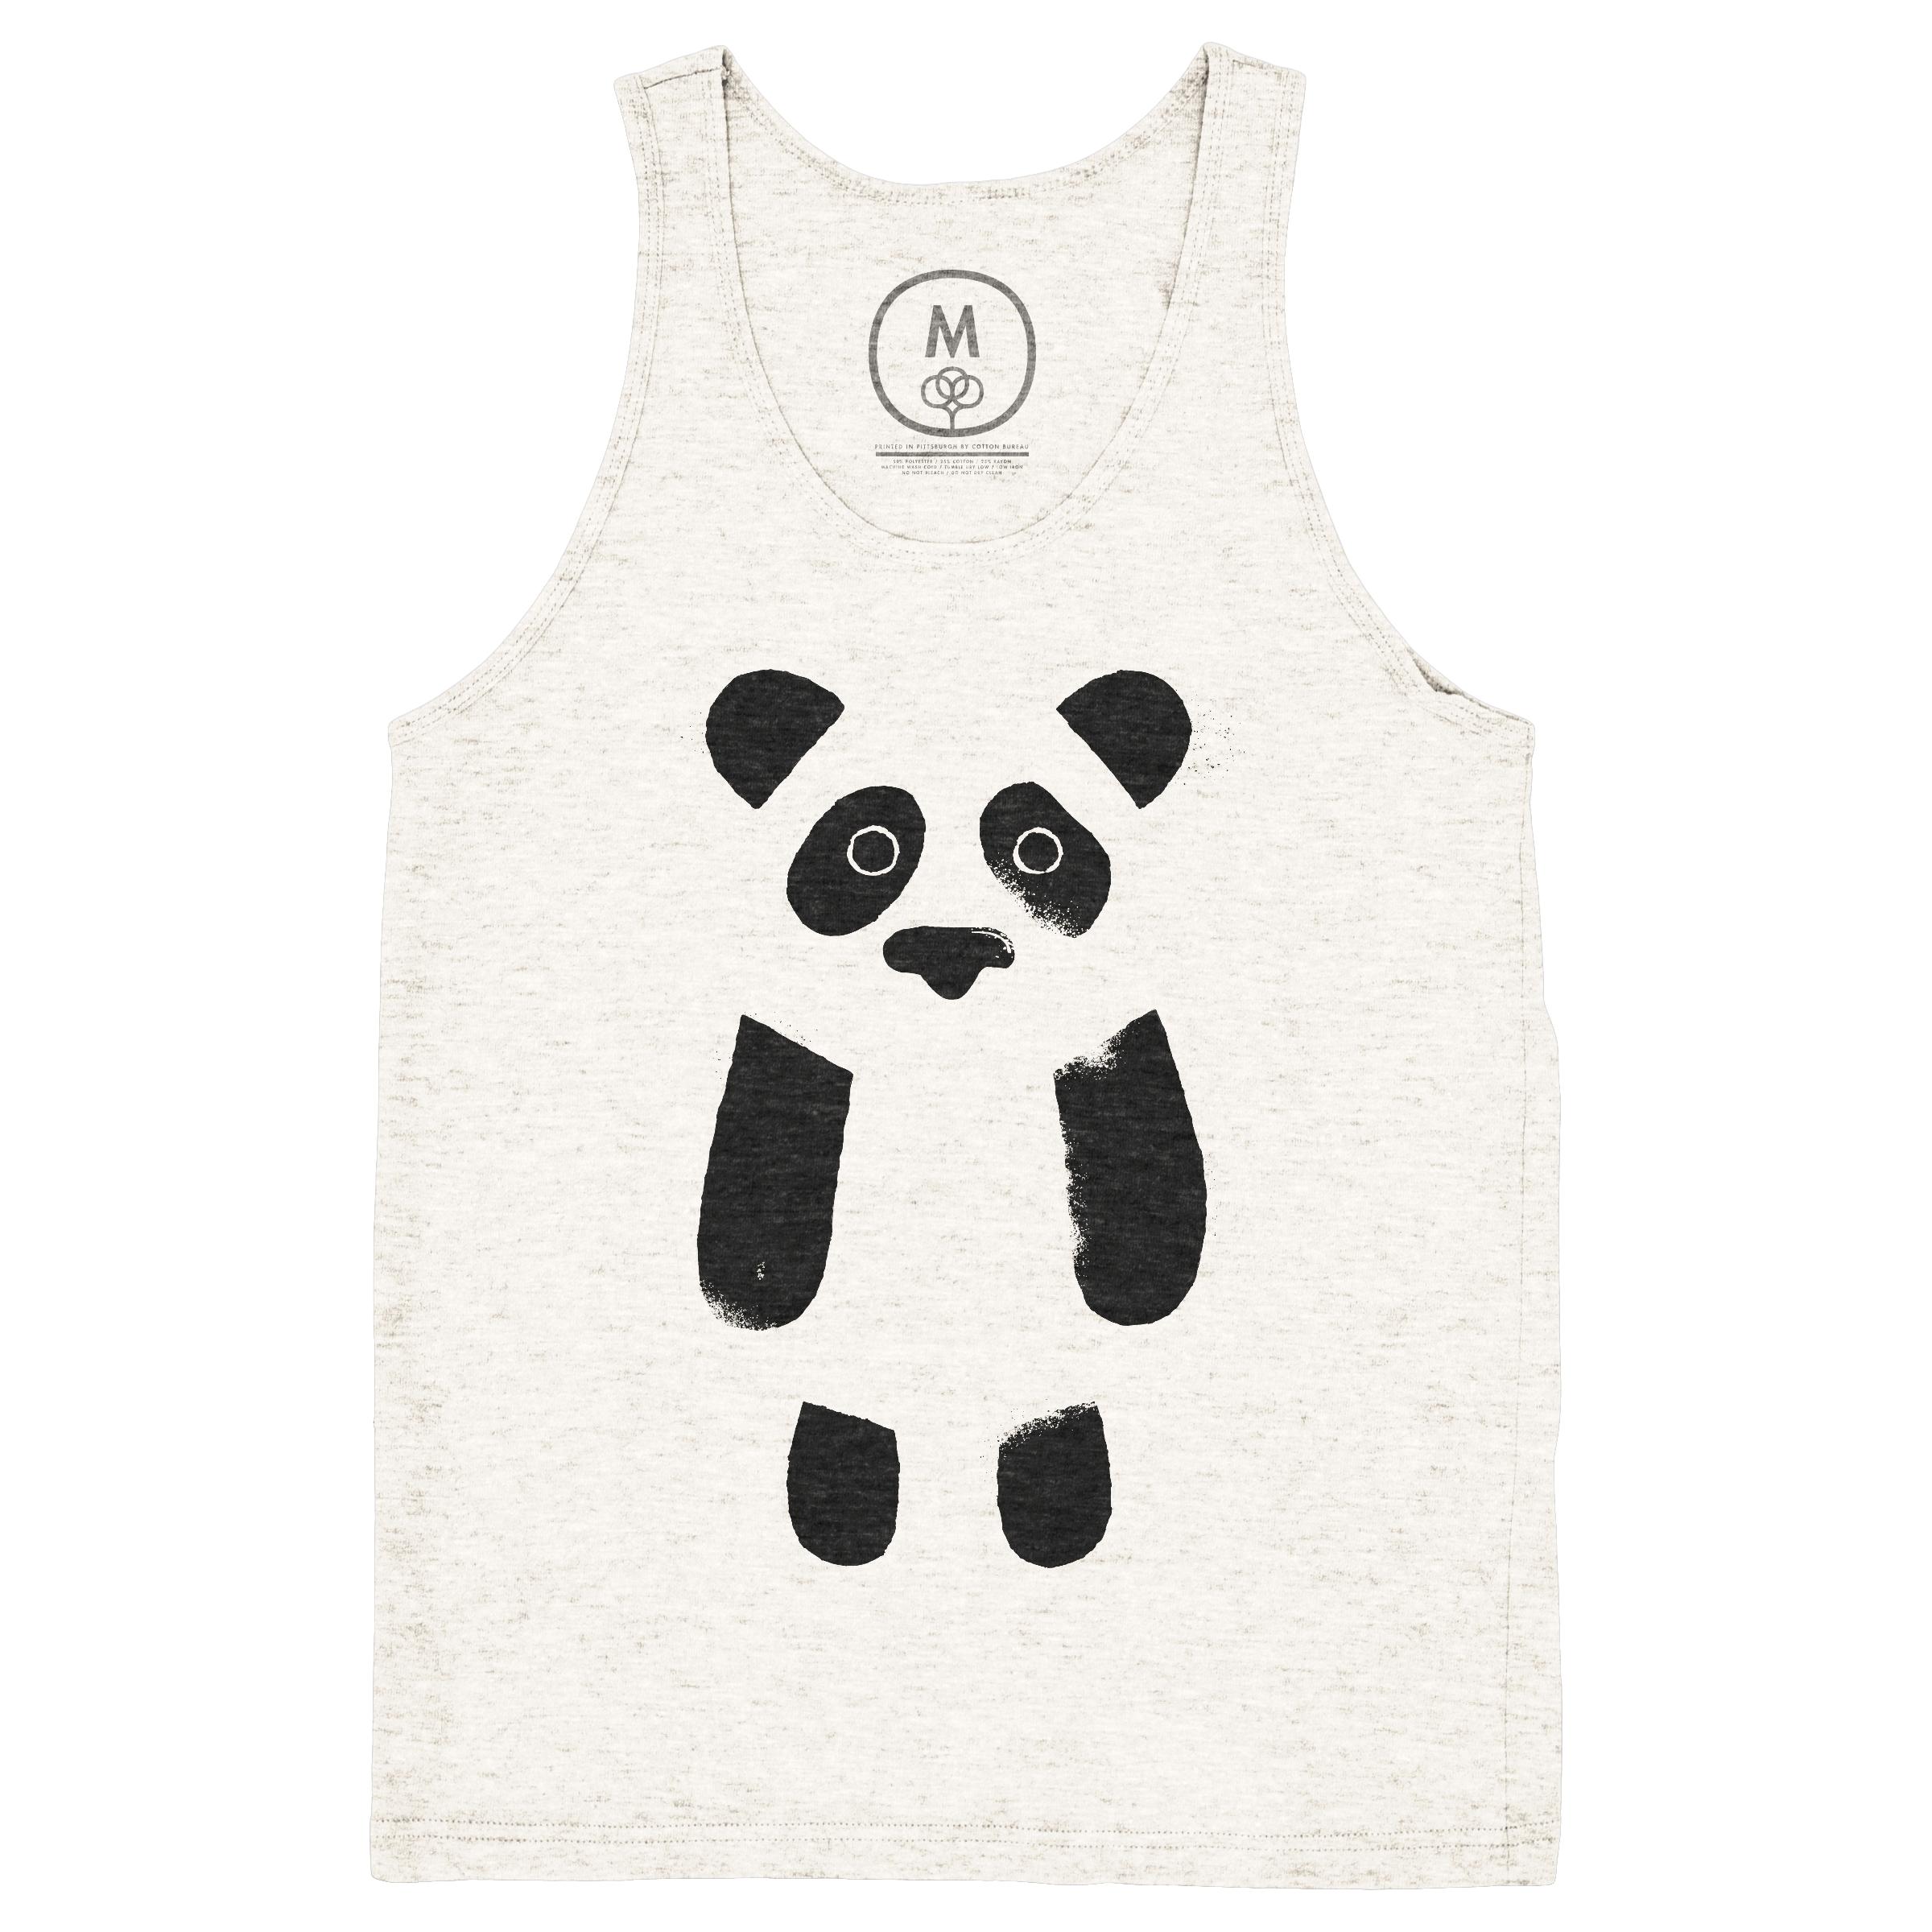 Panda Expressed Tank Top